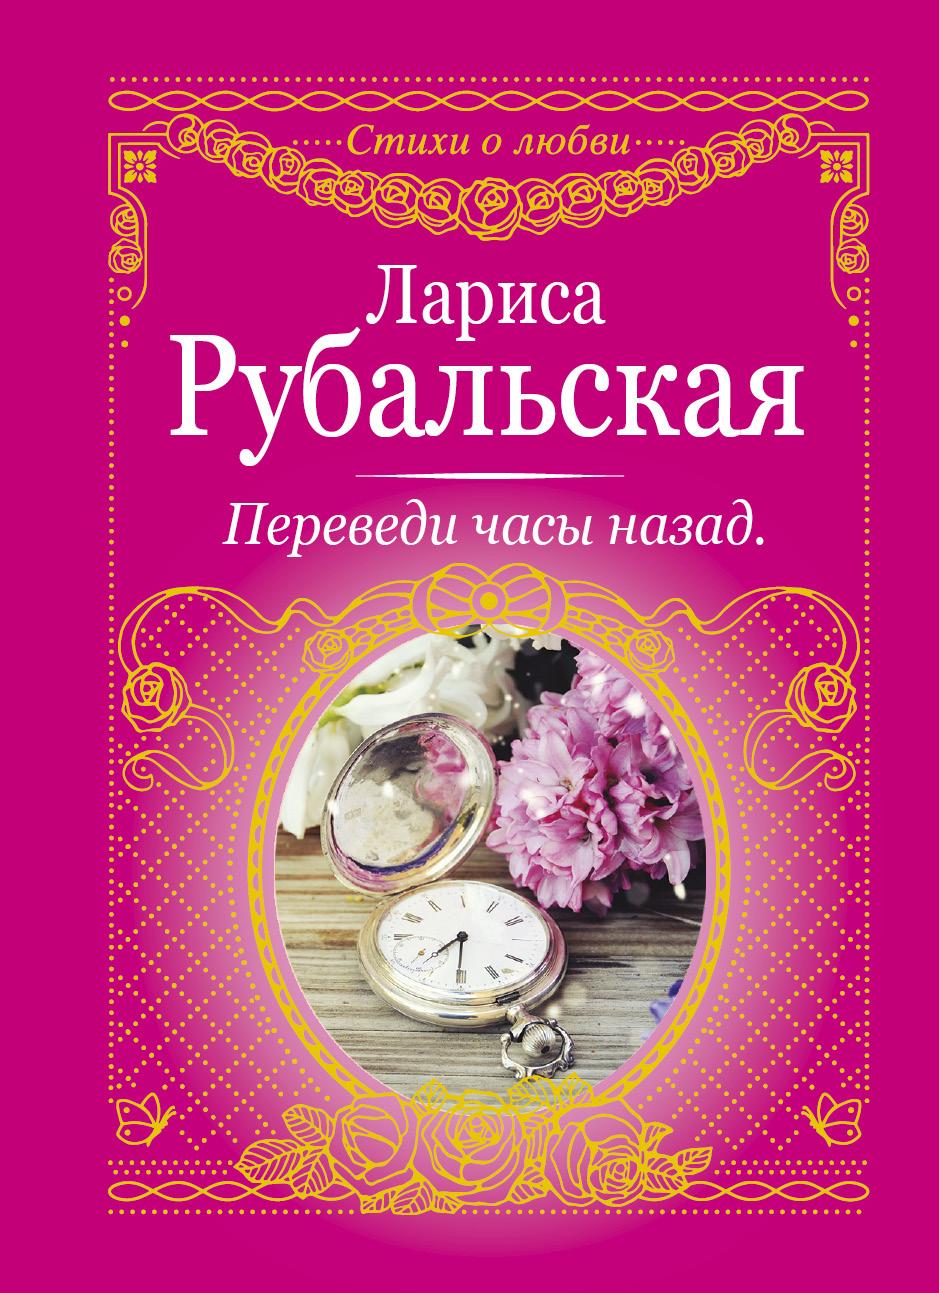 Лариса Рубальская Переведи часы назад (сборник) цена